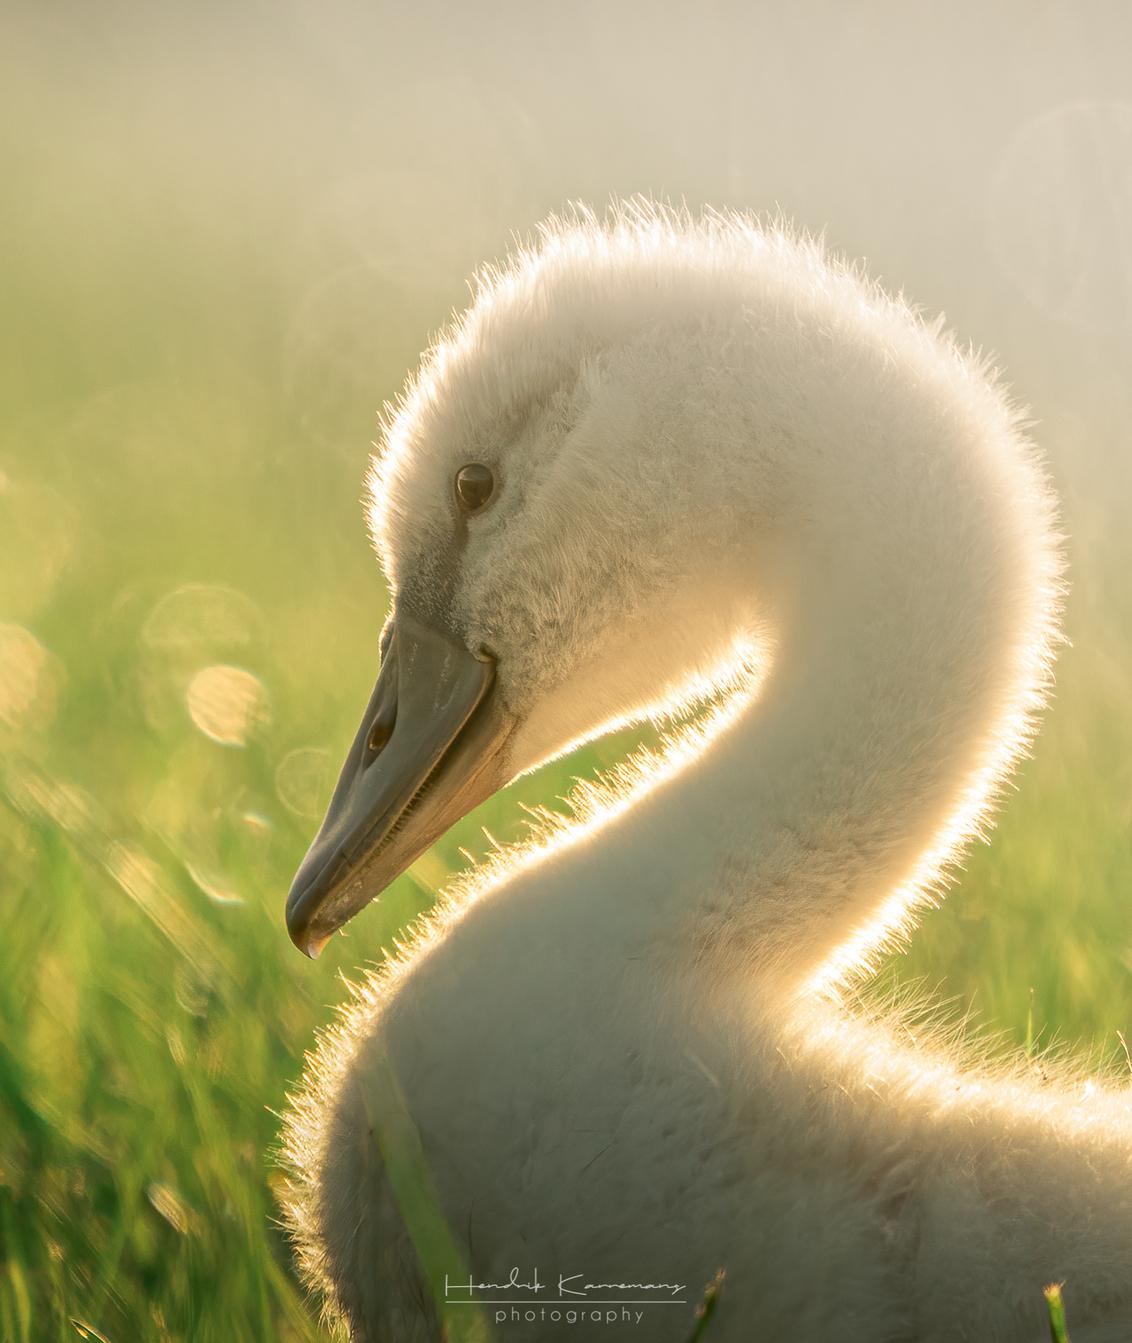 Close Up - - - foto door Hendrik1986 op 19-07-2020 - deze foto bevat: water, vogel, zwaan, watervogel, wildlife